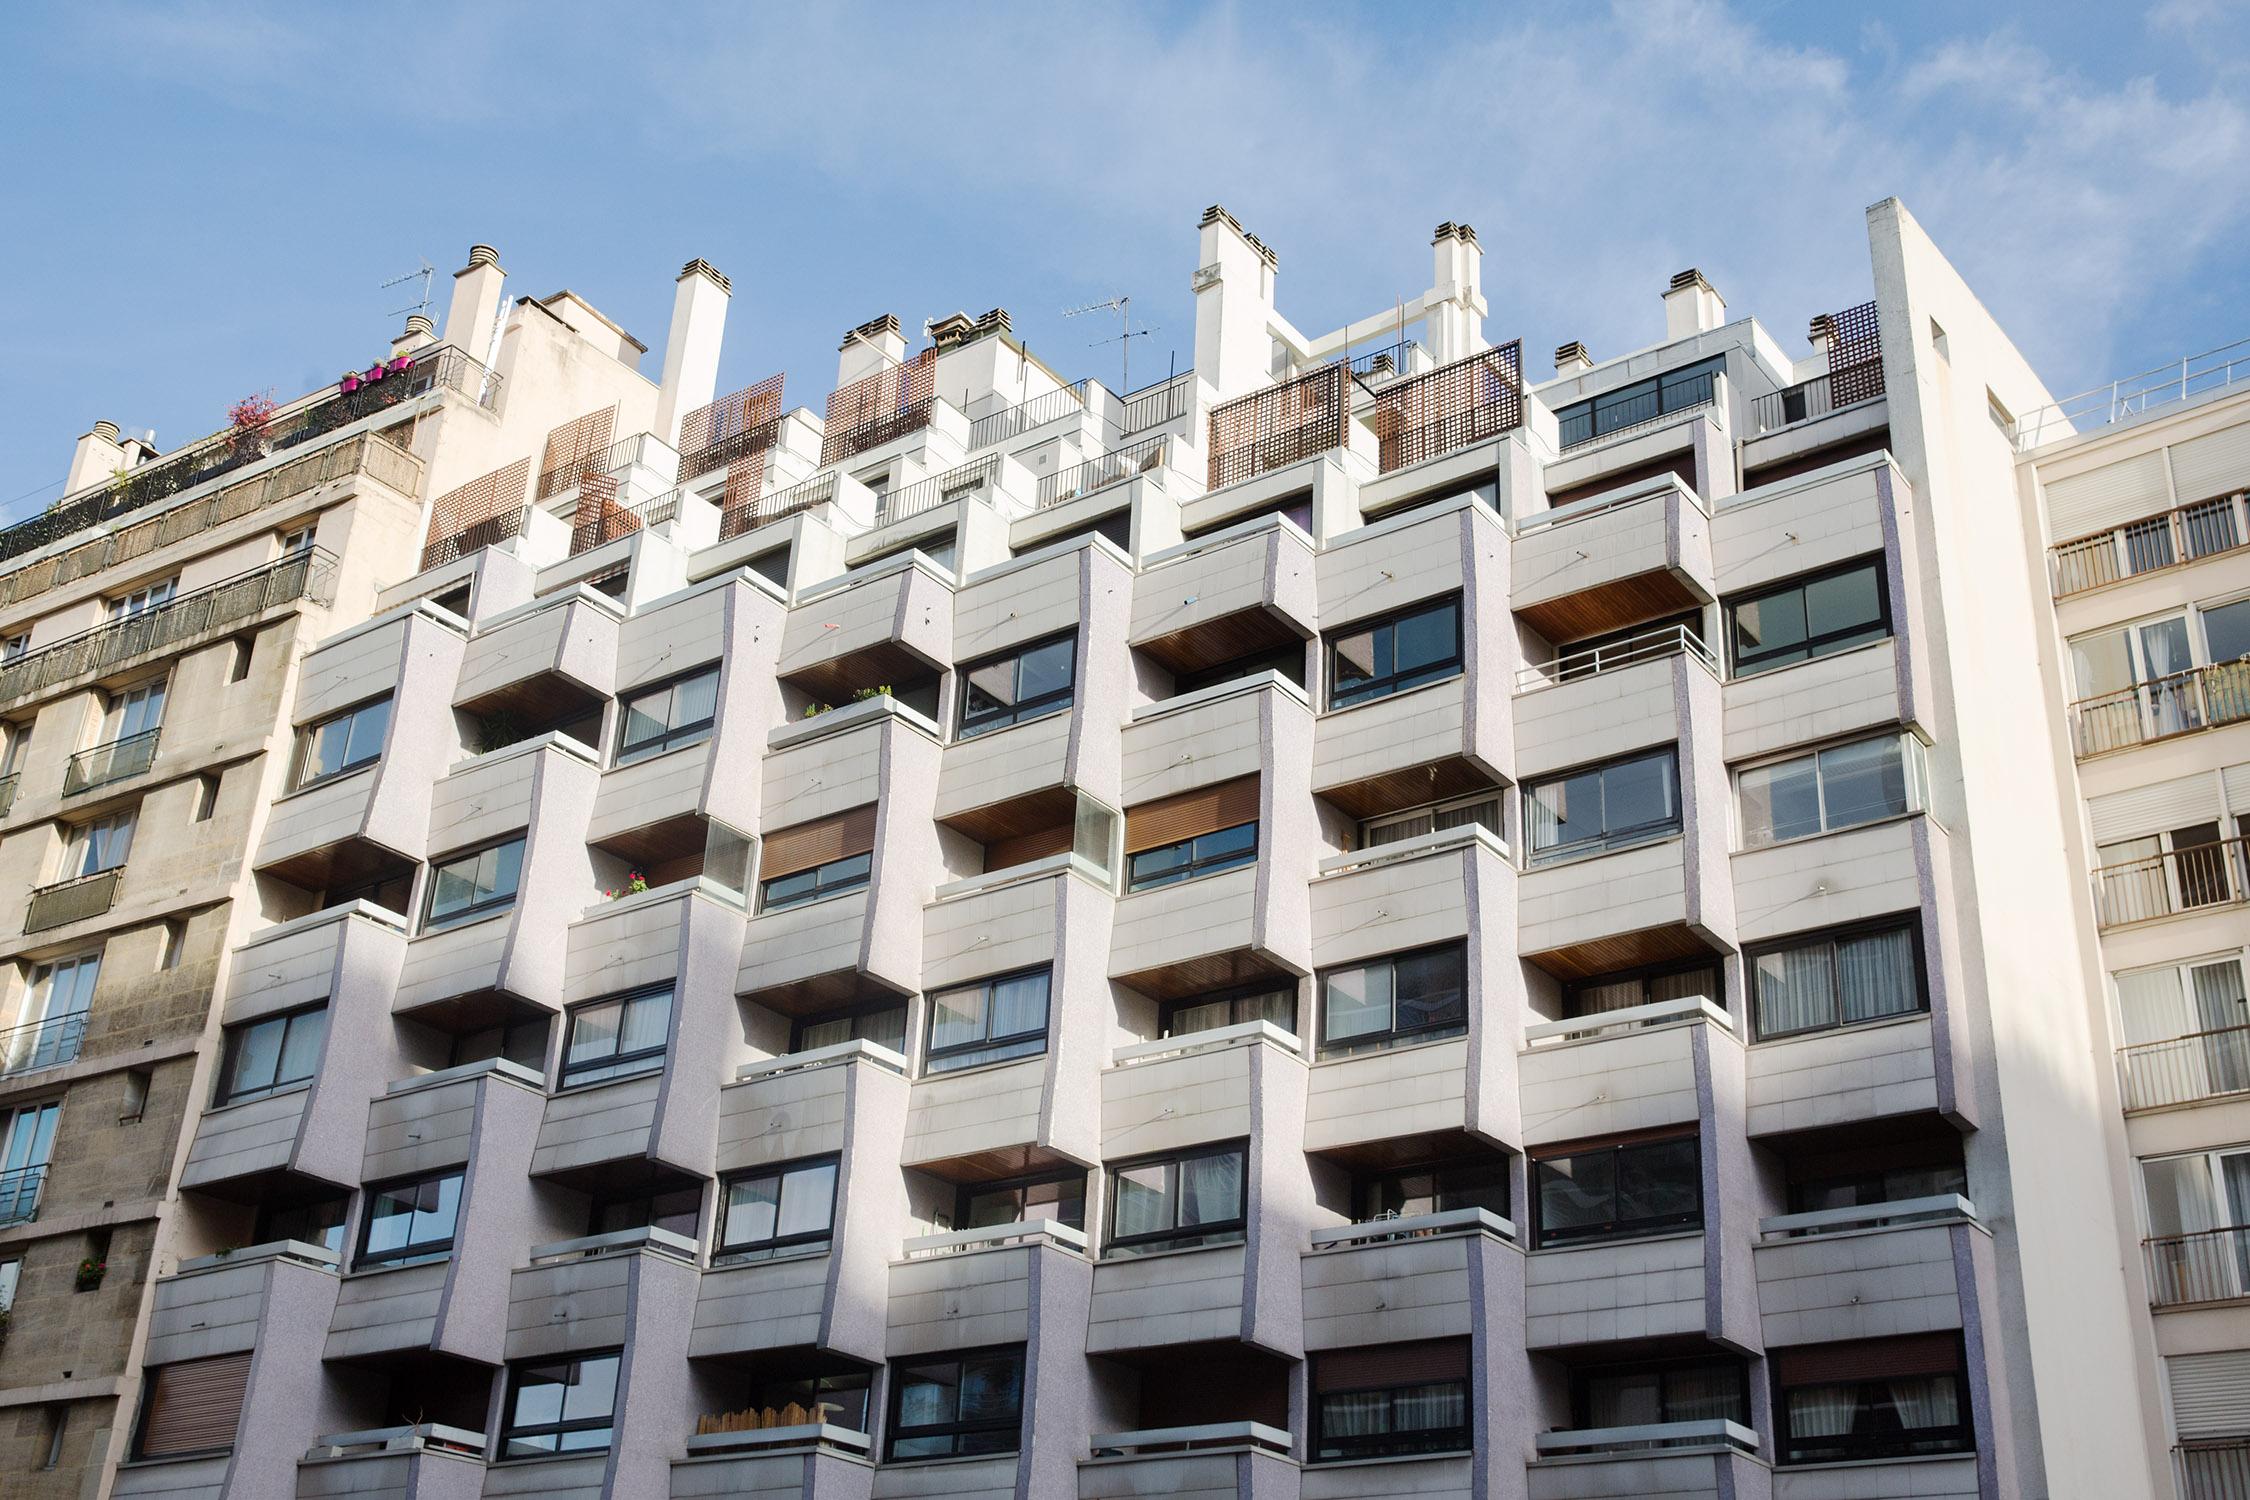 105 rue de Lourmel, 15e - 1963